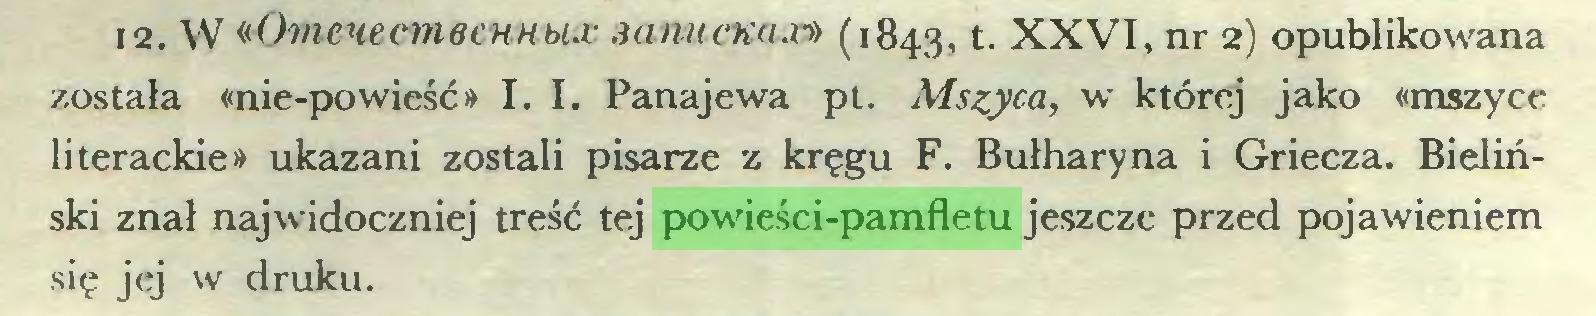 (...) 12. W «OmenecmeeHUMx sanucKaxs» (1843, t. XXVI, nr 2) opublikowana została «nie-powieść» I. I. Panajewa pt. Mszyca, w której jako «mszyce literackie» ukazani zostali pisarze z kręgu F. Bułharyna i Griecza. Bieliński znał najwidoczniej treść tej powieści-pamfletu jeszcze przed pojawieniem się jej w druku...